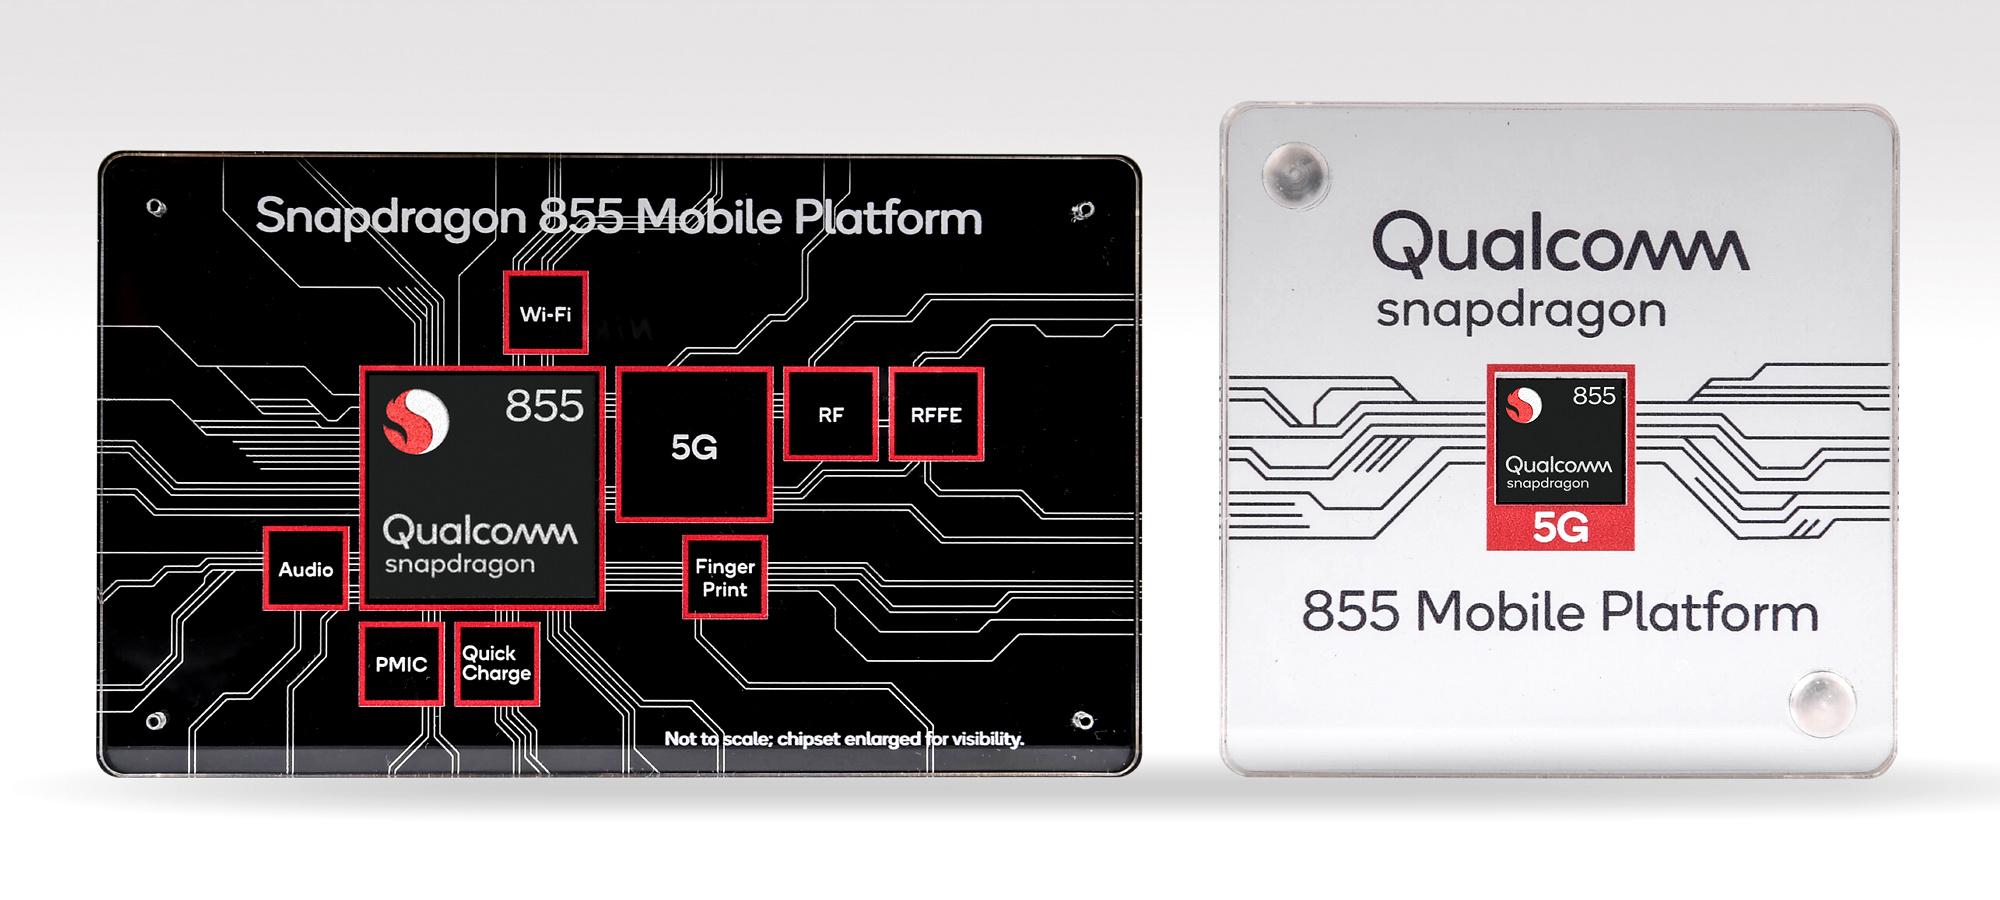 Qualcomm Snapdragon 855 список лучших телефонов